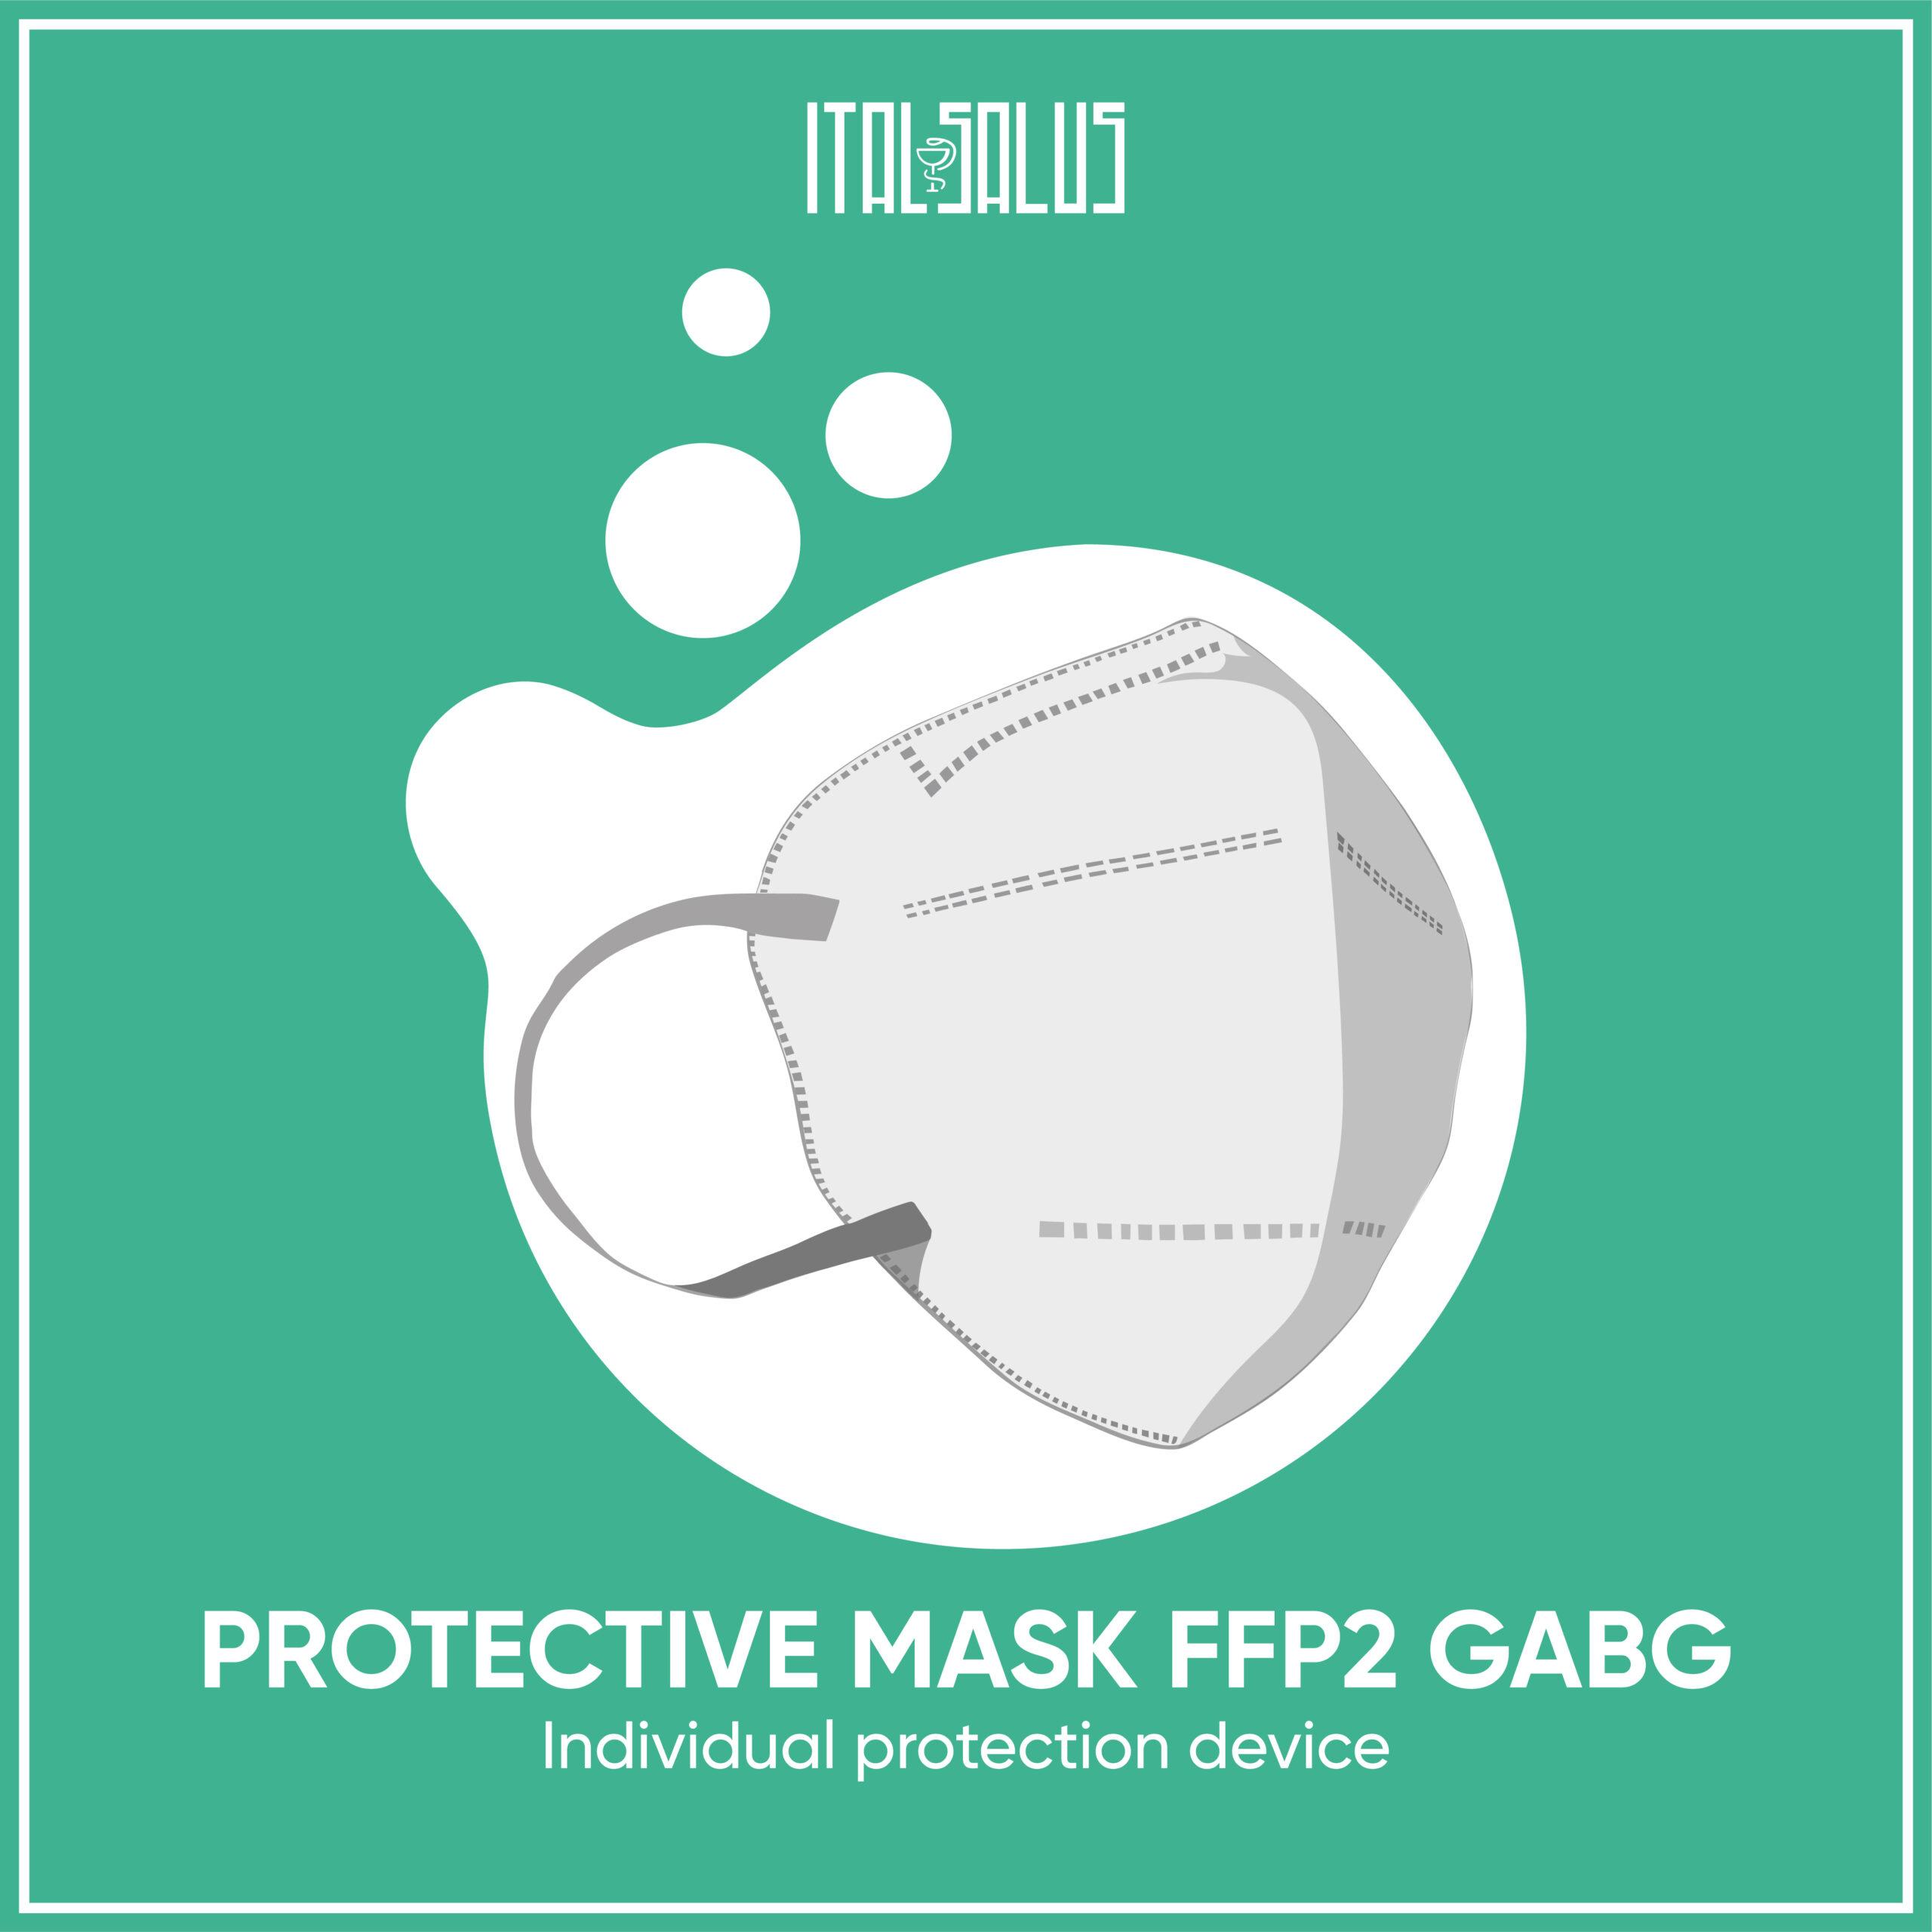 protective mask ffp2 gabg draw